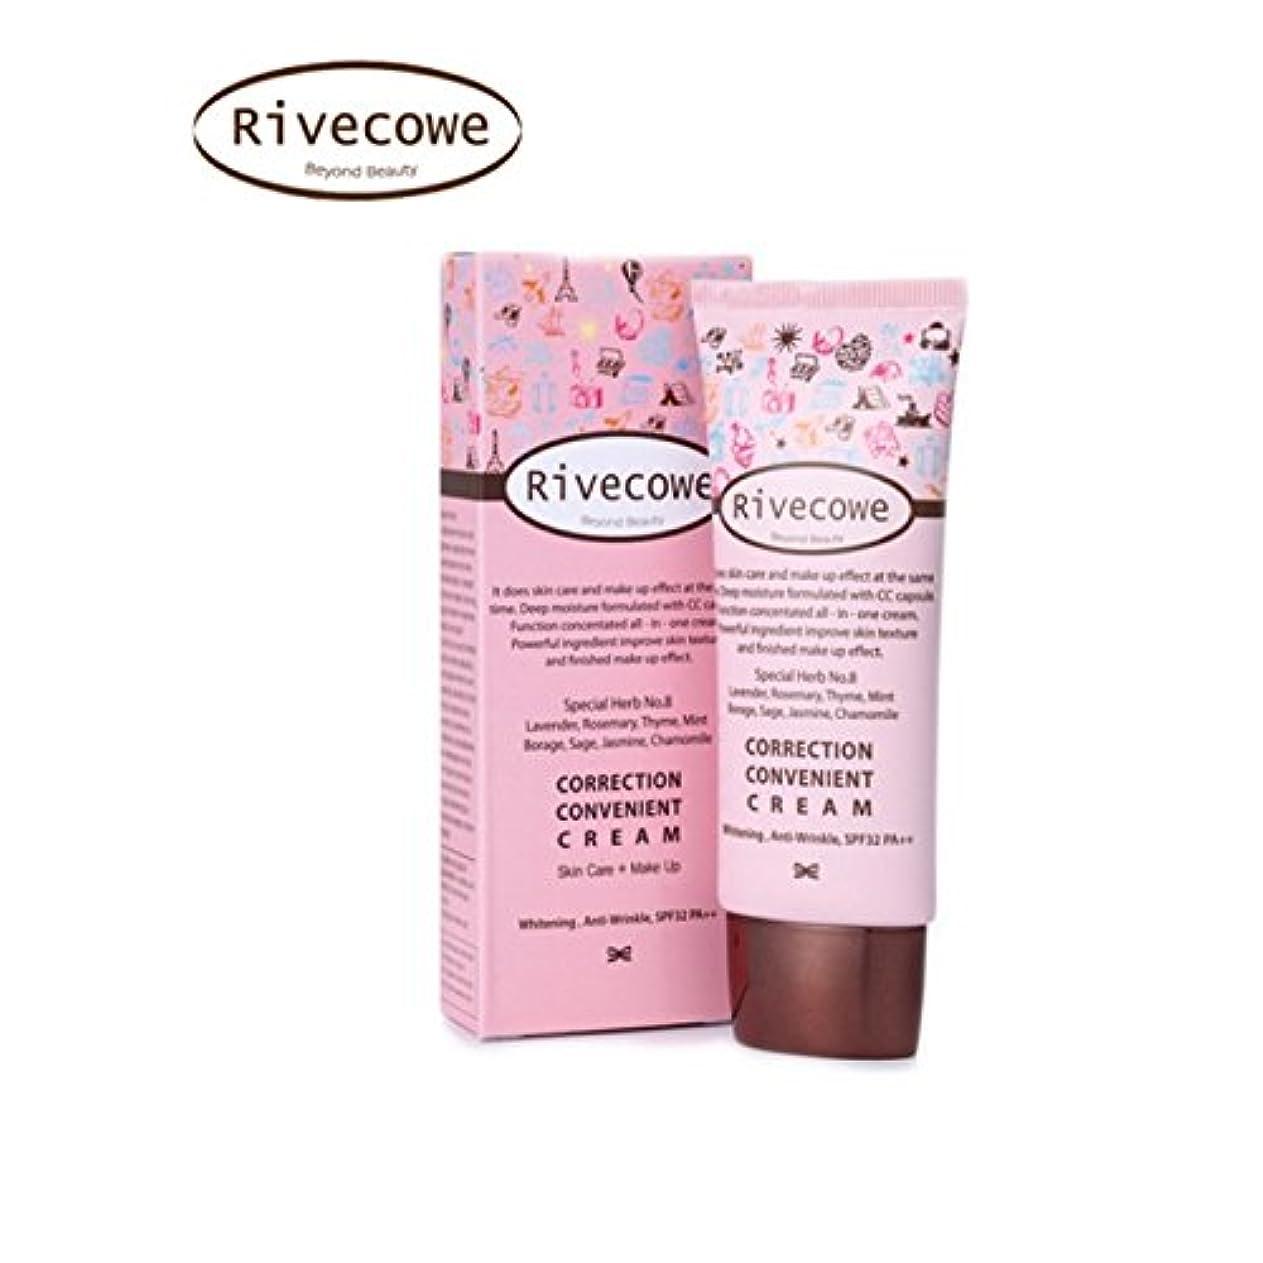 リヴコイ [韓国コスメ Rivecowe] CC クリーム (SPF32,PA++) 40ml(BB Skin Care+Makeup Foundation)/w Gift Sample [並行輸入品]